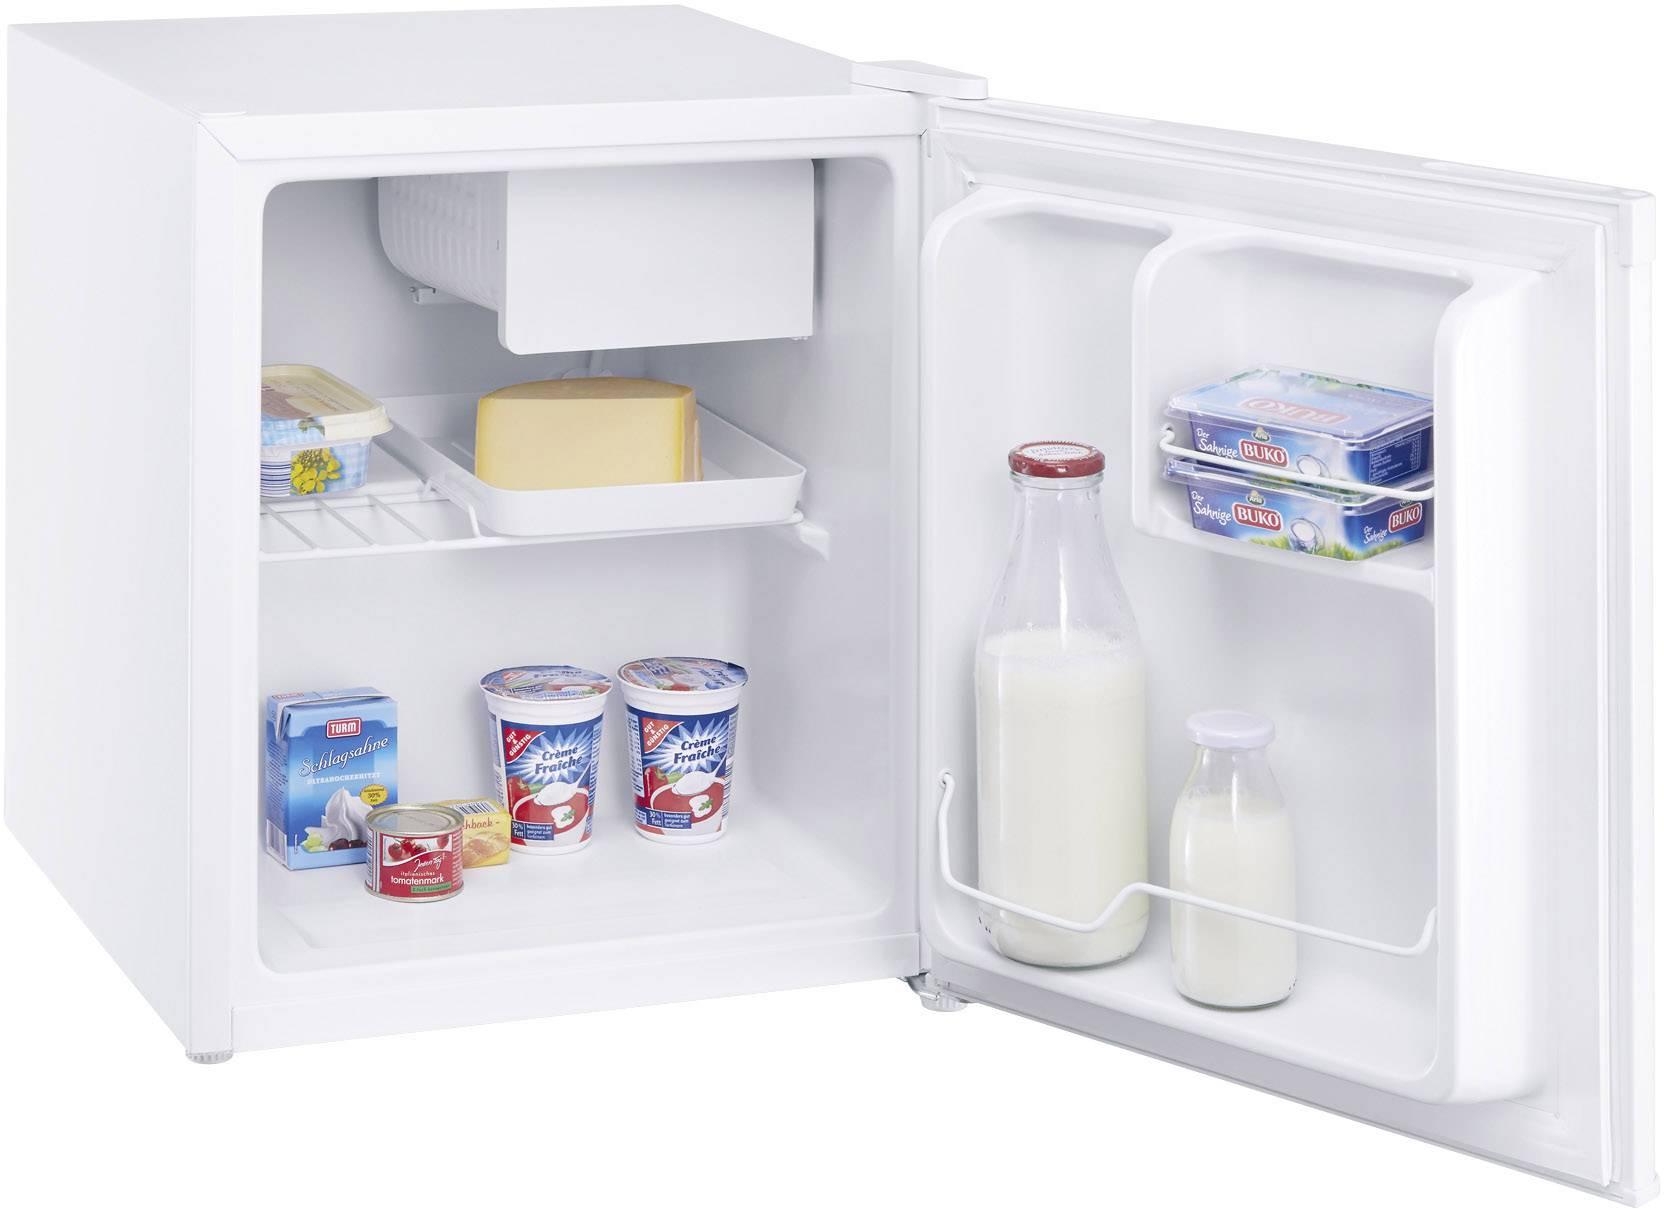 Kühlschrank Weiss : Weiß offenen kühlschrank isoliert auf weißem hintergrund